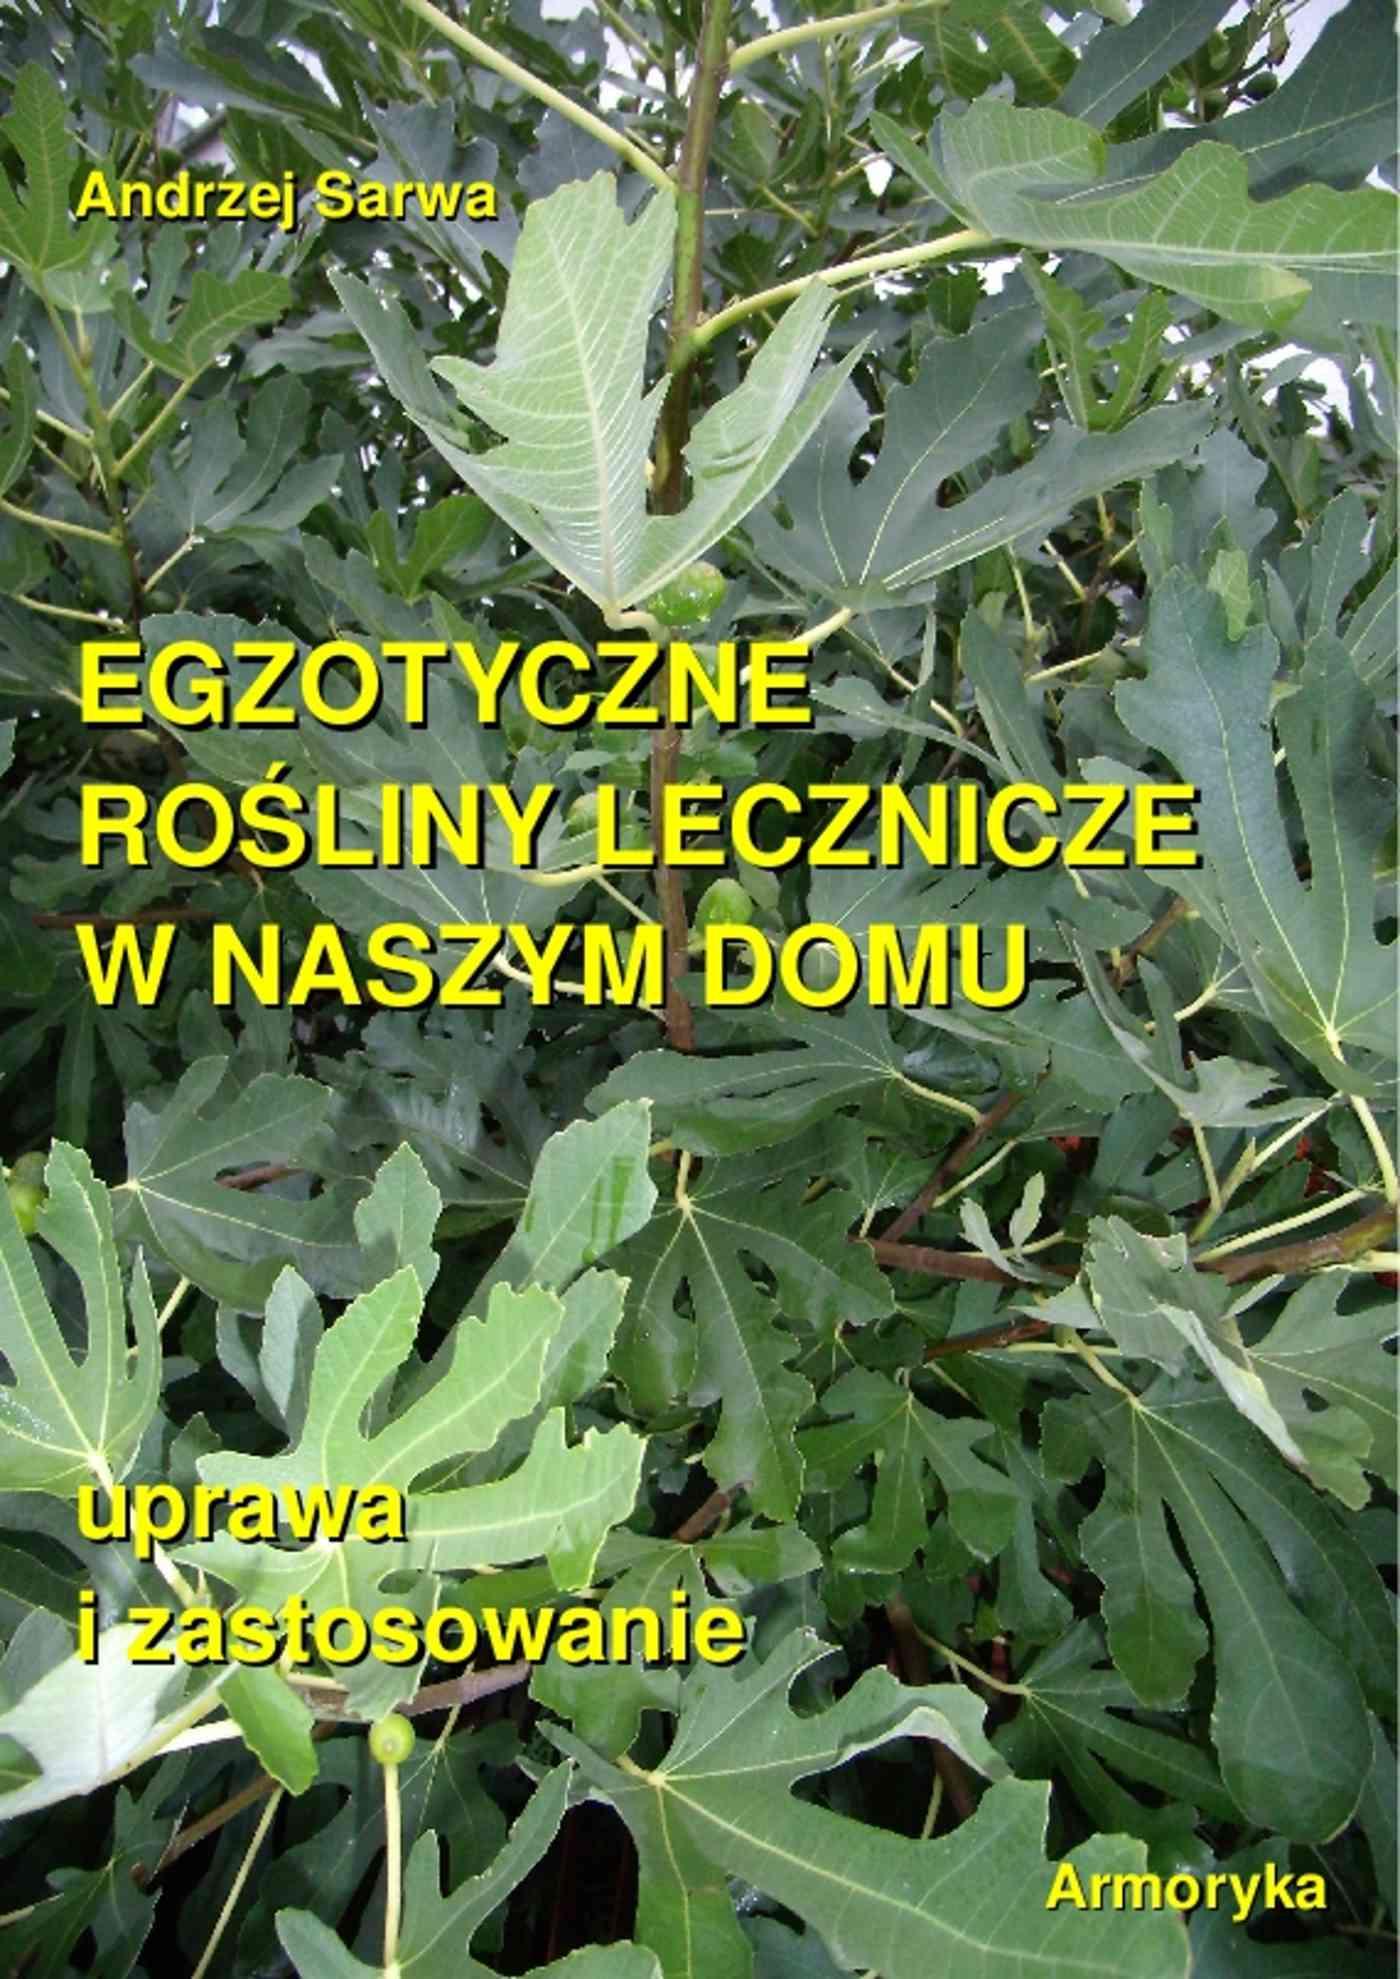 Egzotyczne rośliny lecznicze w naszym domu - Ebook (Książka EPUB) do pobrania w formacie EPUB